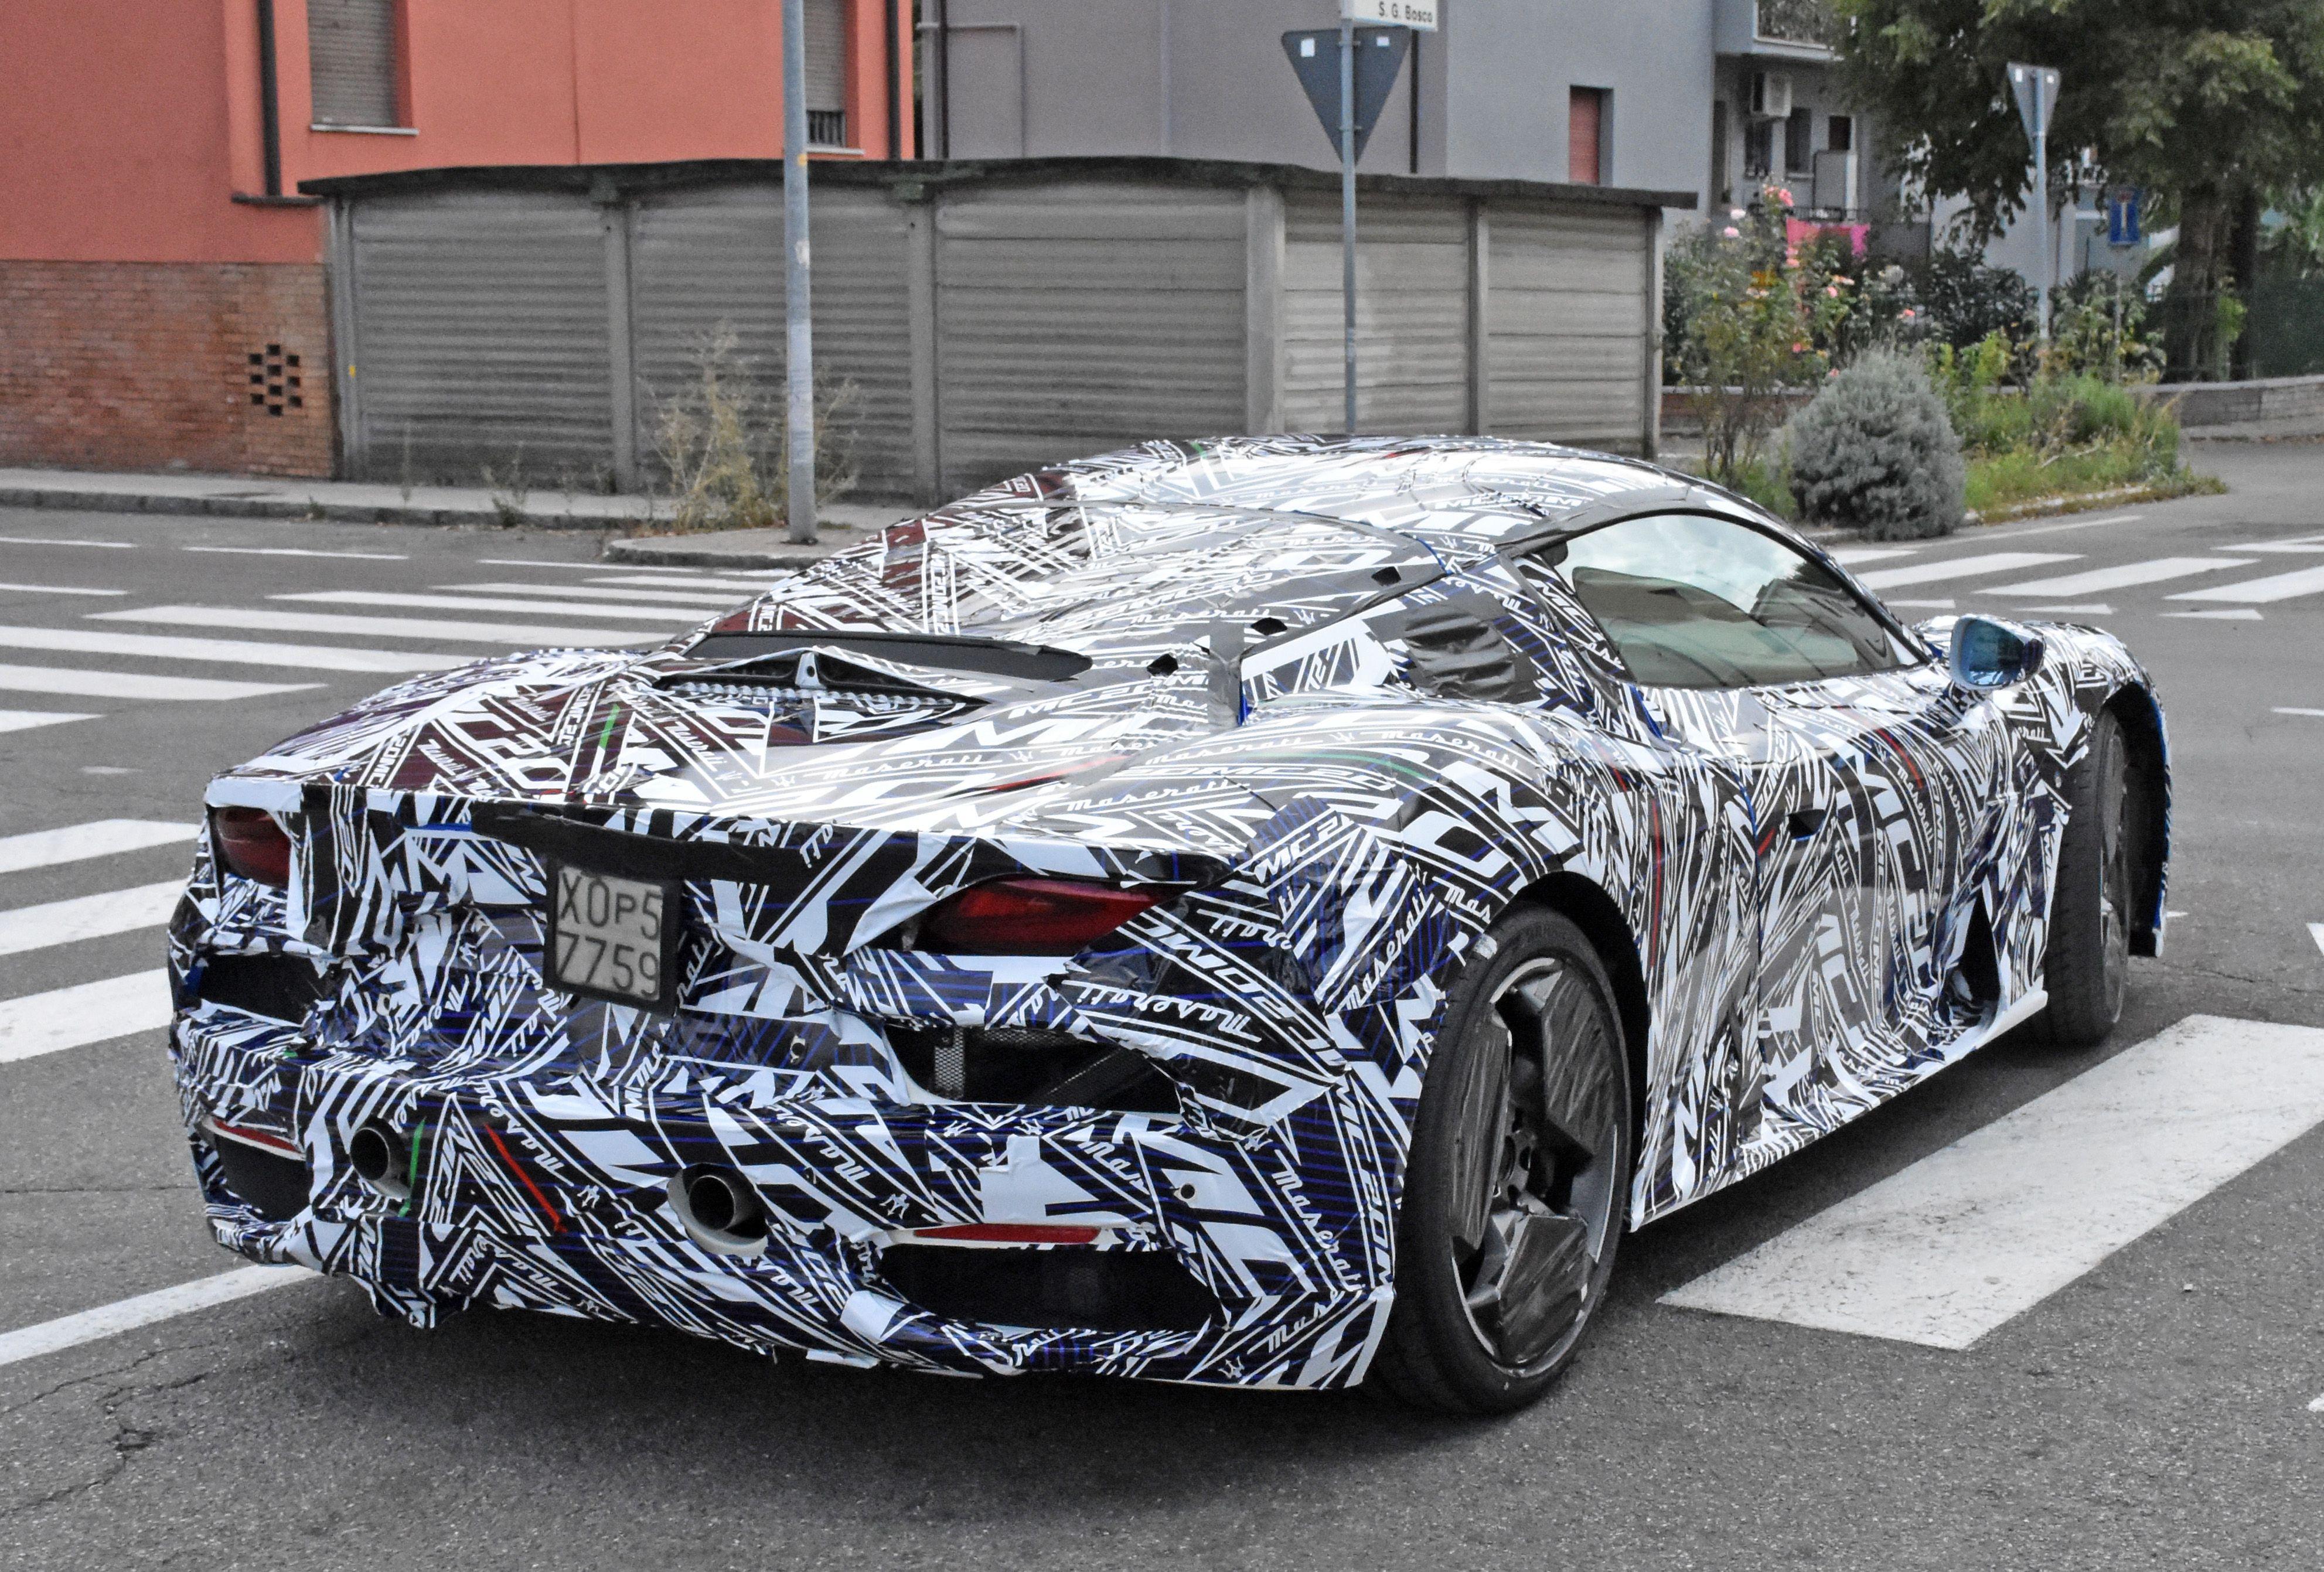 2021 Maserati Mc20 Top Speed In 2020 Maserati Car Dual Clutch Transmission